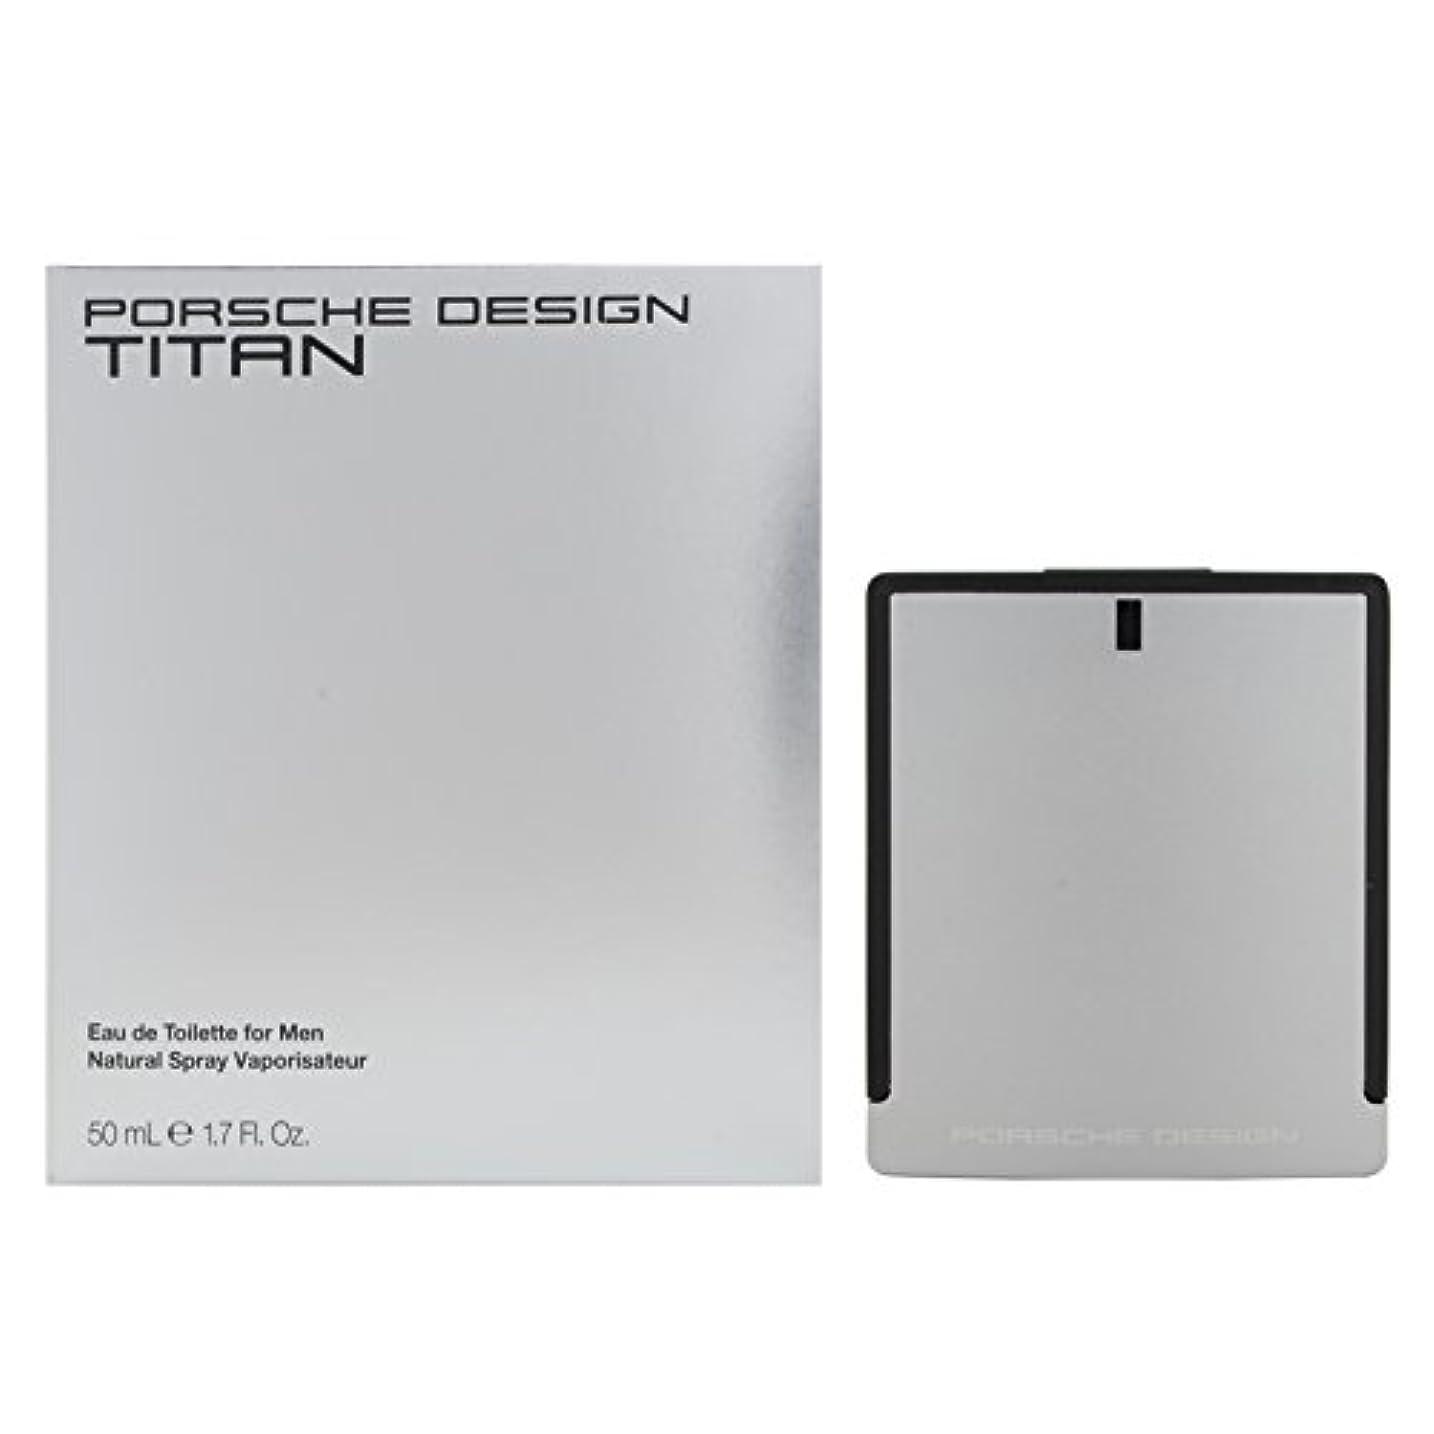 痛み方程式シンポジウムポルシェデザイン チタン EDT 50mL